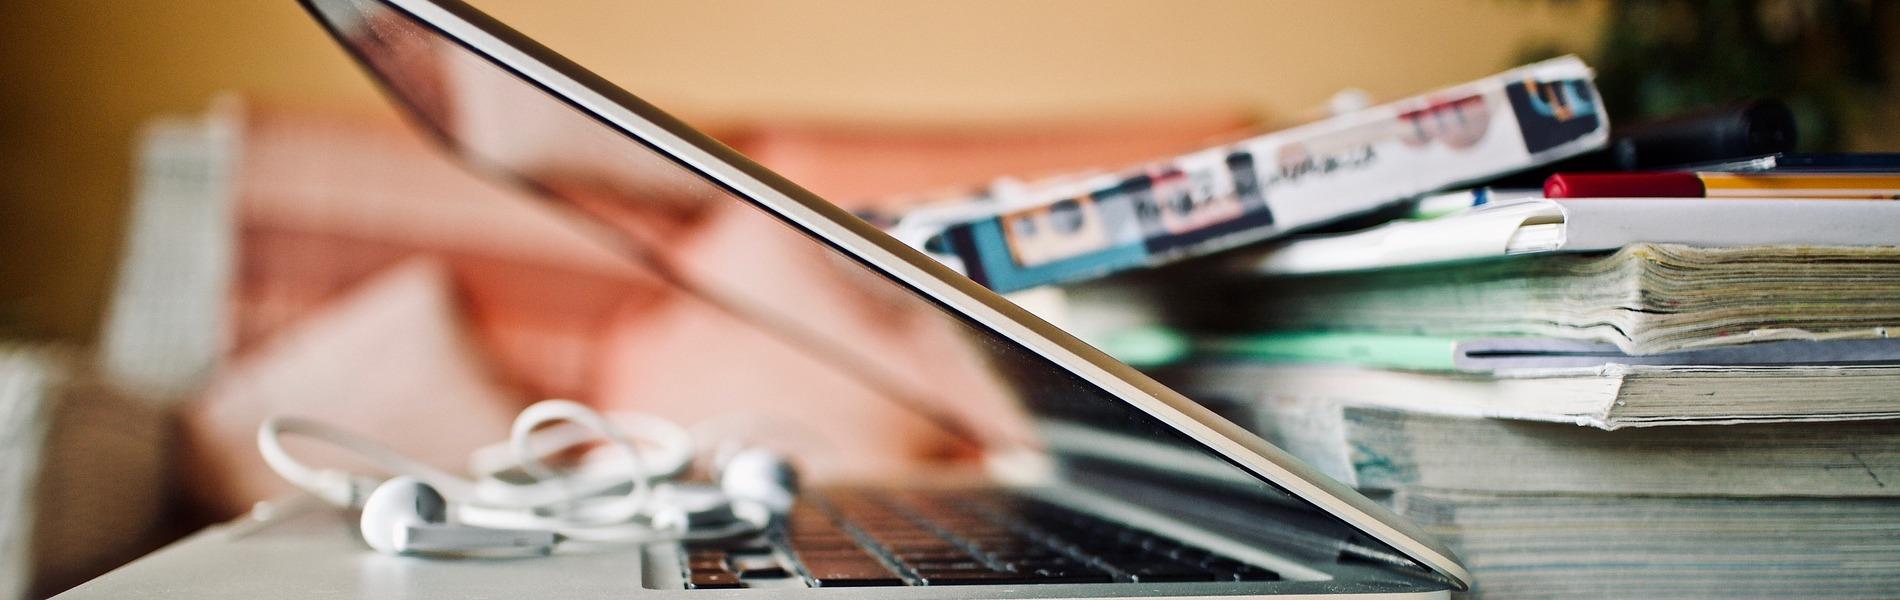 Claves para elegir la mejor herramienta de e-learning con el menor presupuesto